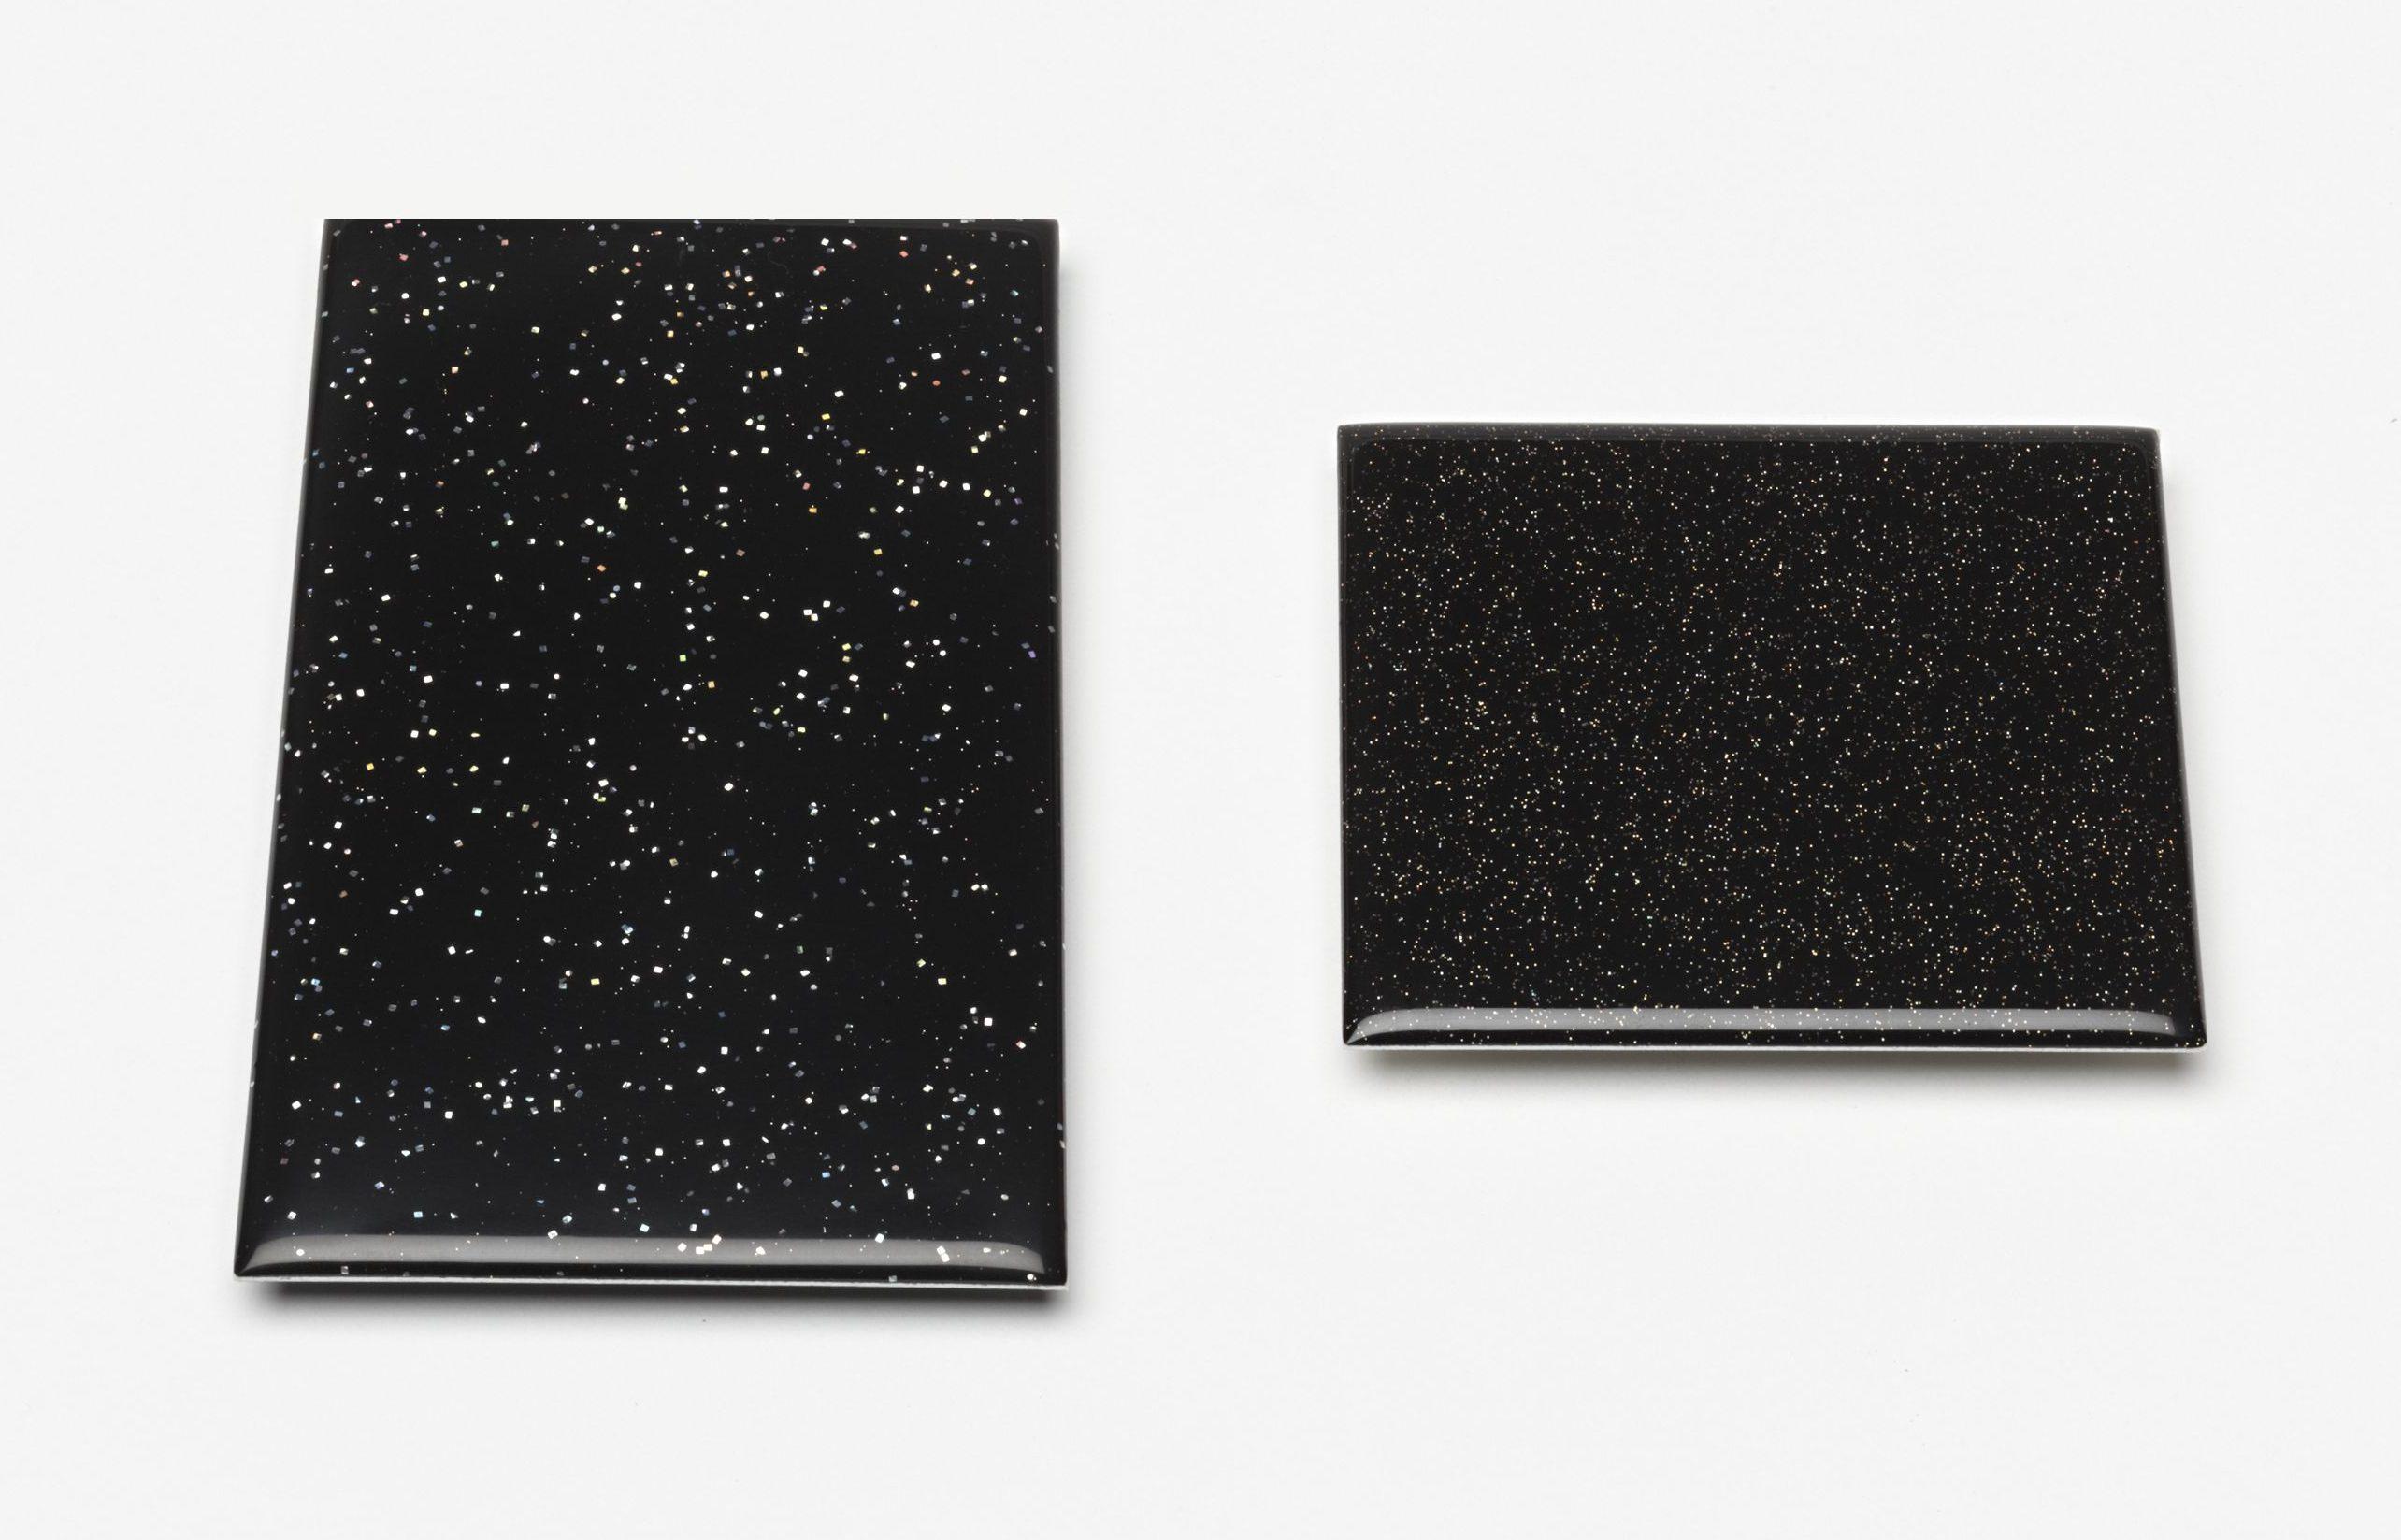 Kiko Gianocca, Never been there, broches, 2012, voorzijde. Von Hier und Dort, 2015, zilver, hars, lak